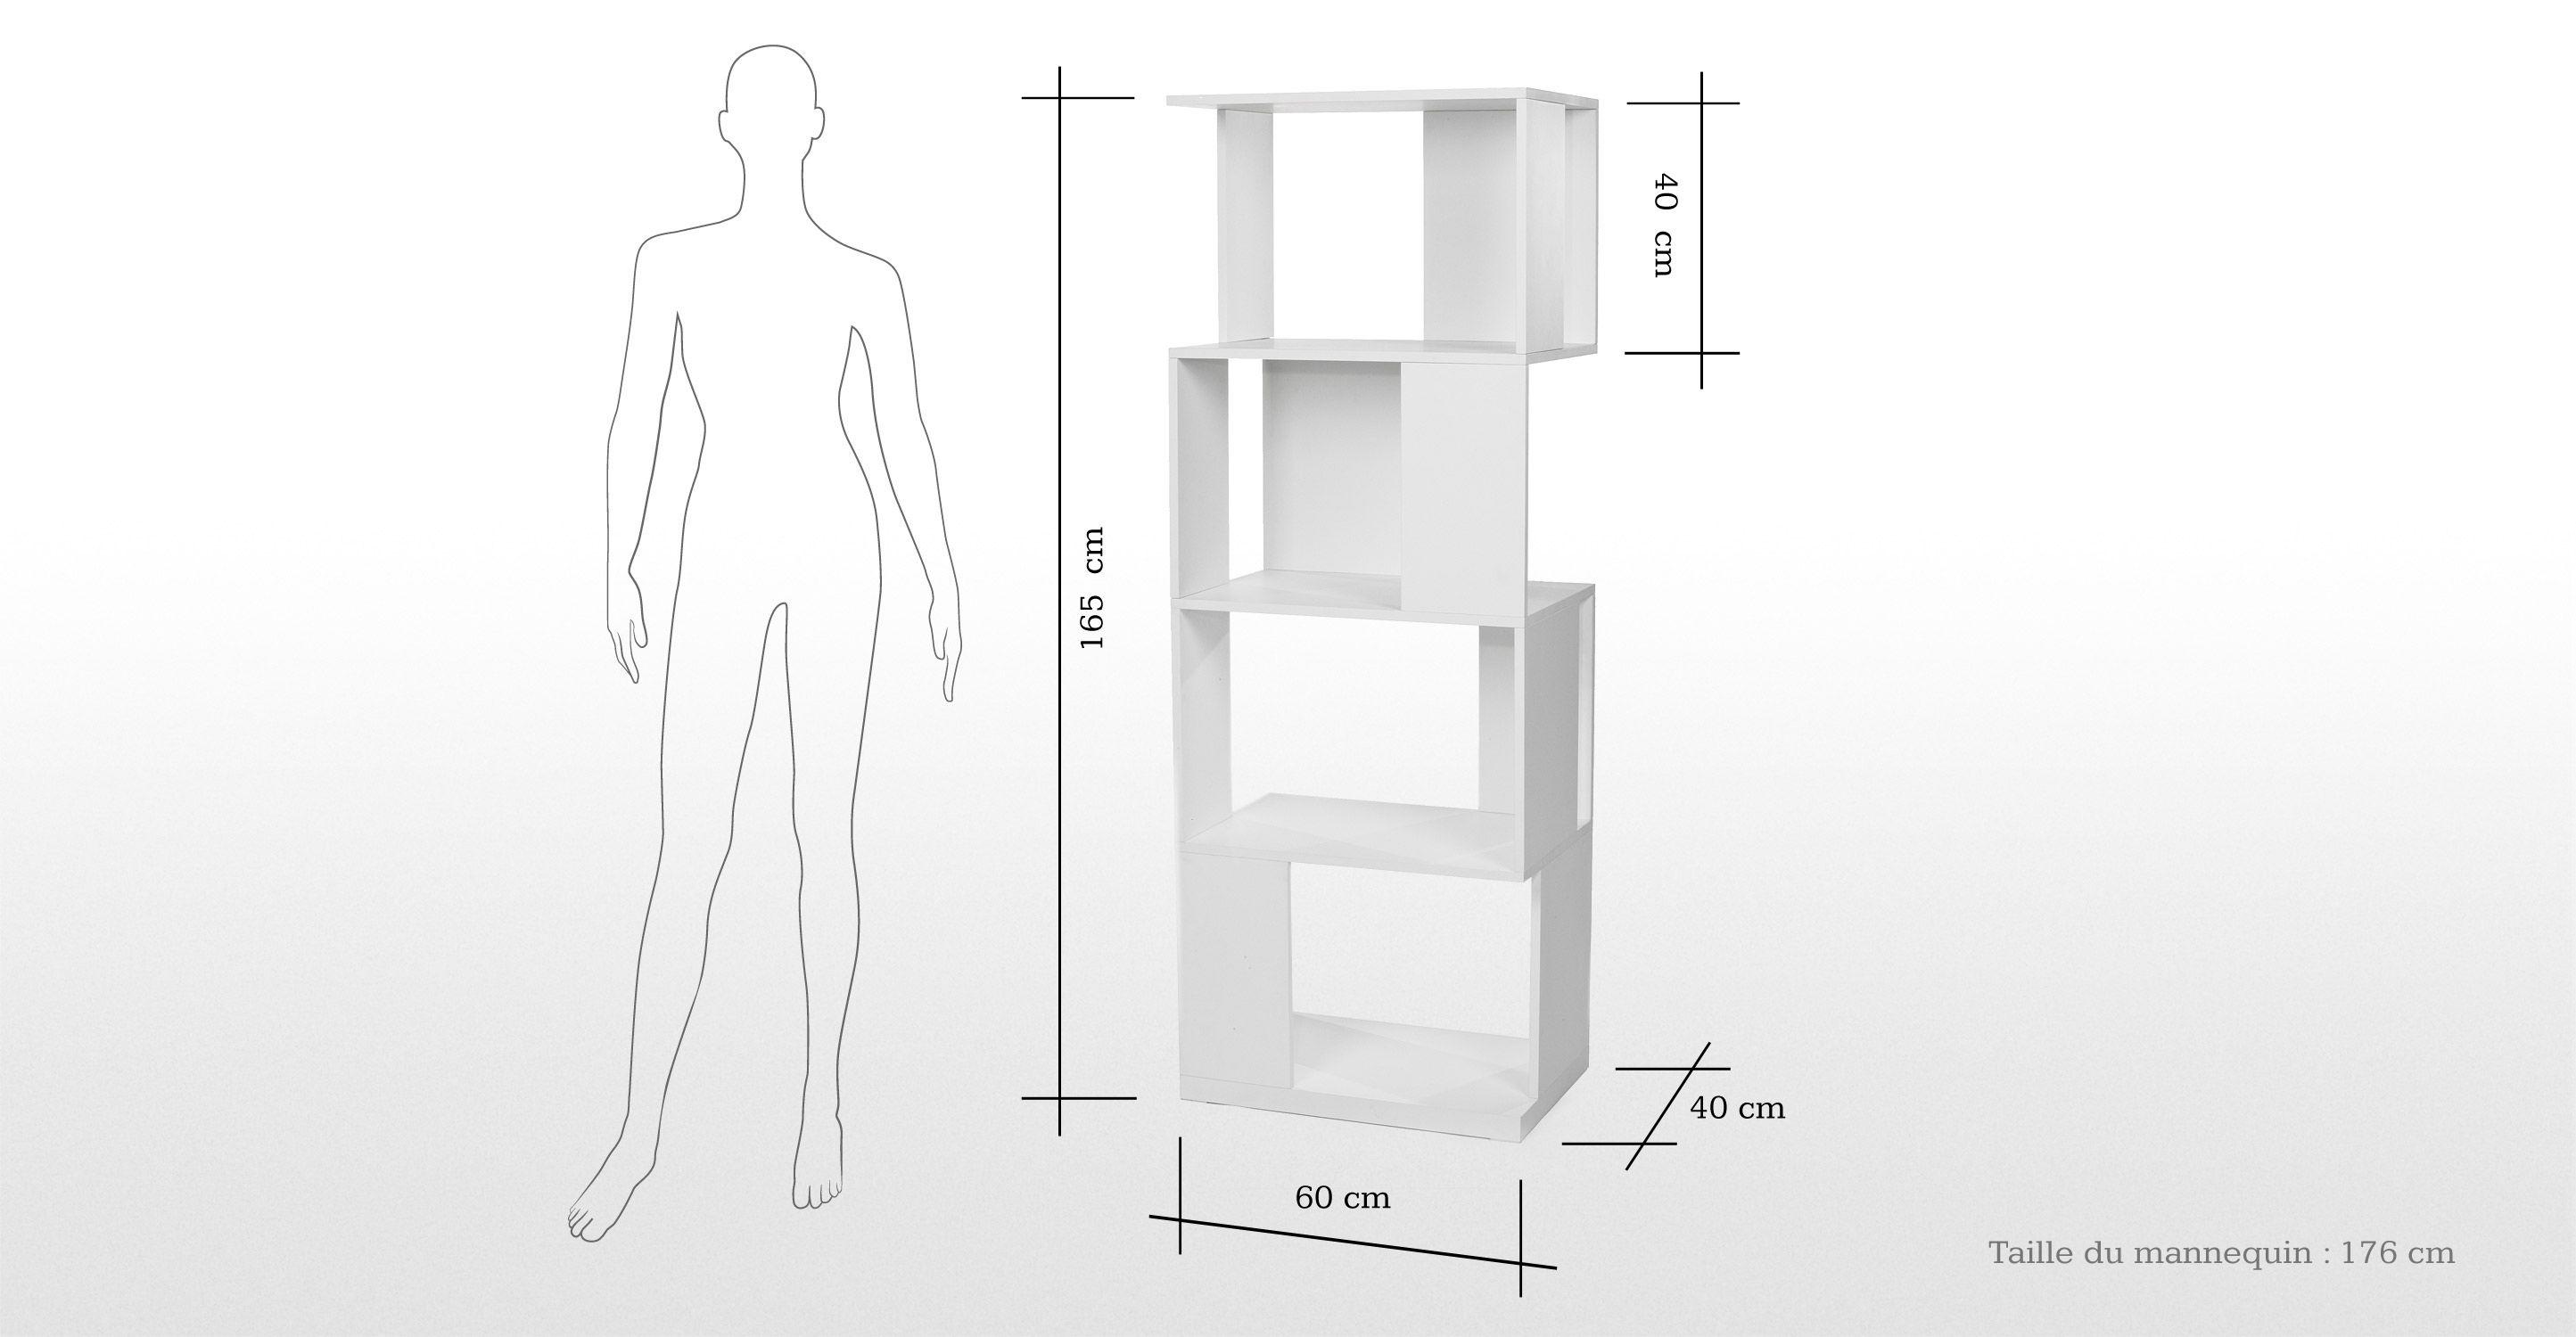 Axis, une étagère laquée blanche | made.com